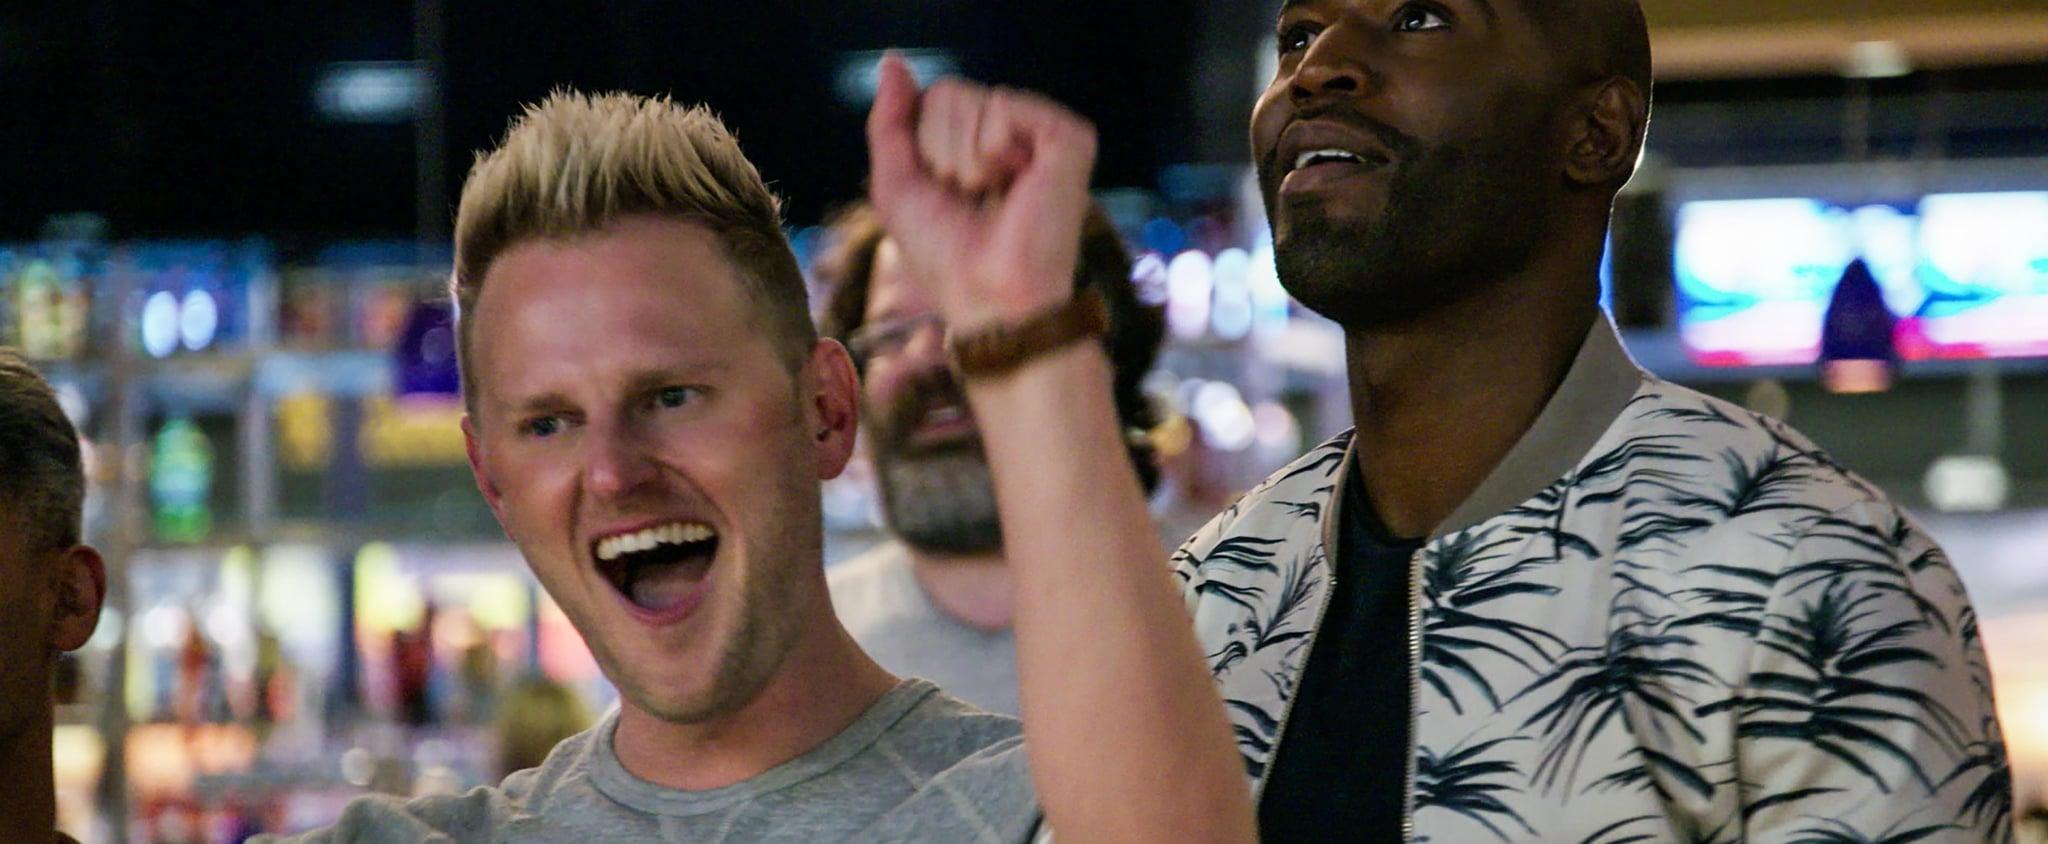 Reactions to Bobby Berk in Queer Eye Season 2